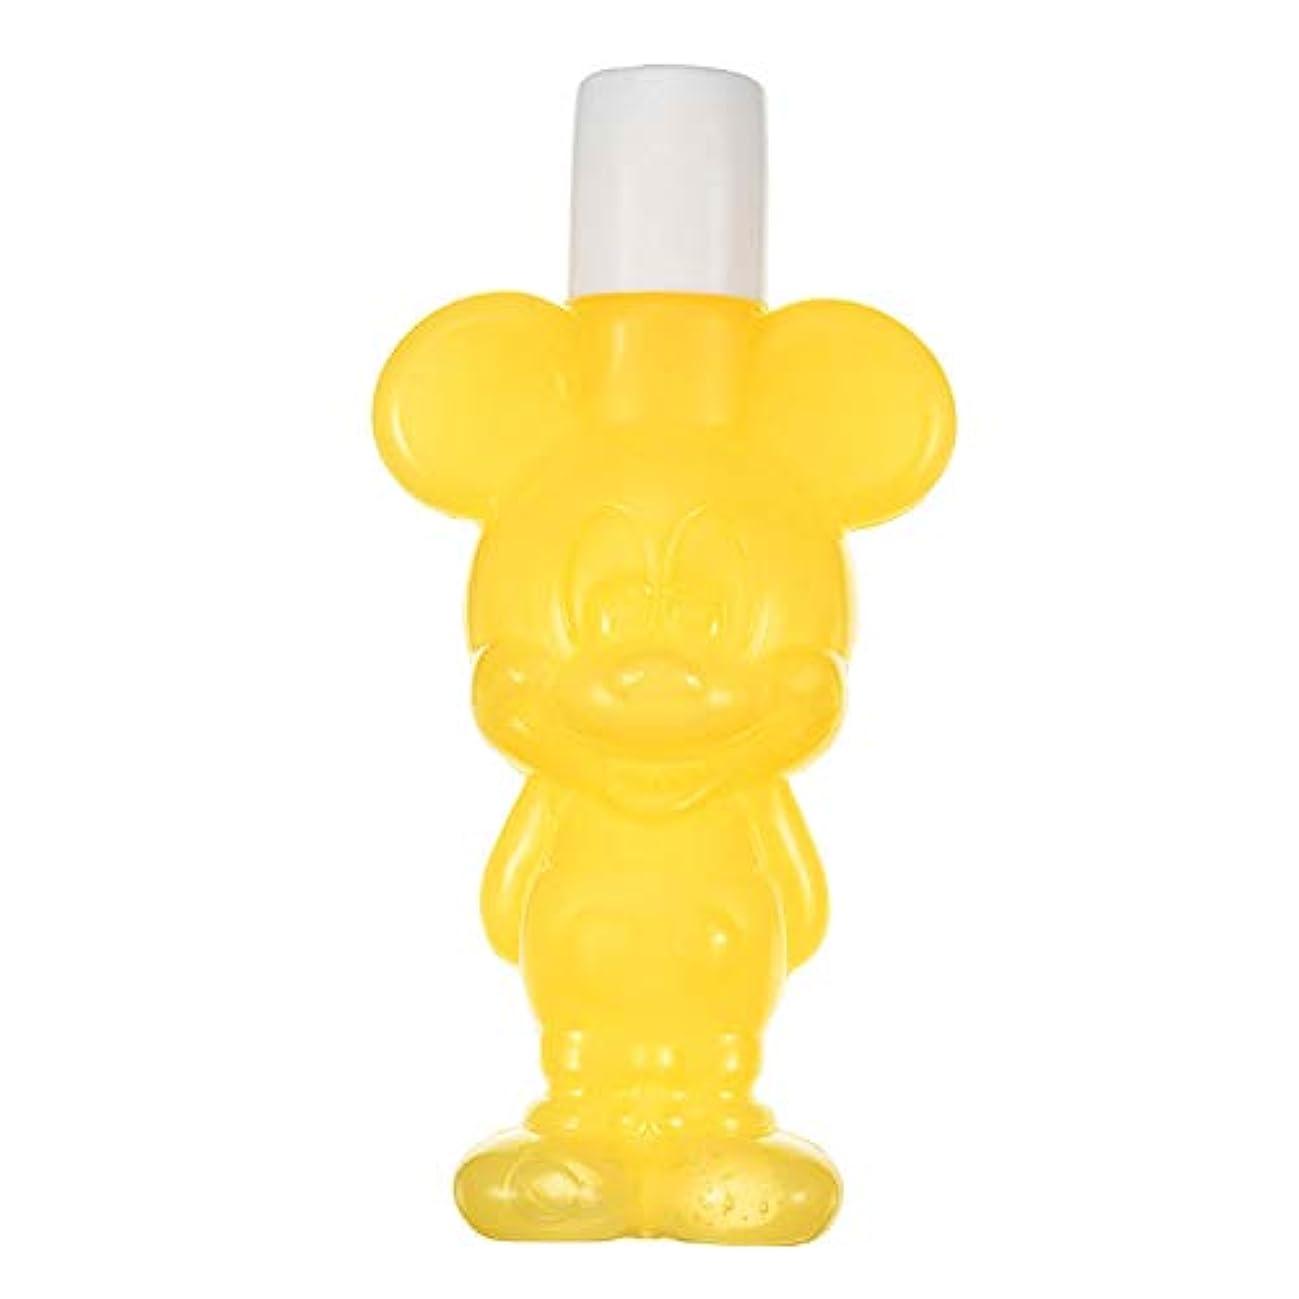 ストレスの多い自信がある二年生ディズニーストア(公式)保湿ジェル ミッキー イエロー Gummy Candy Cosme